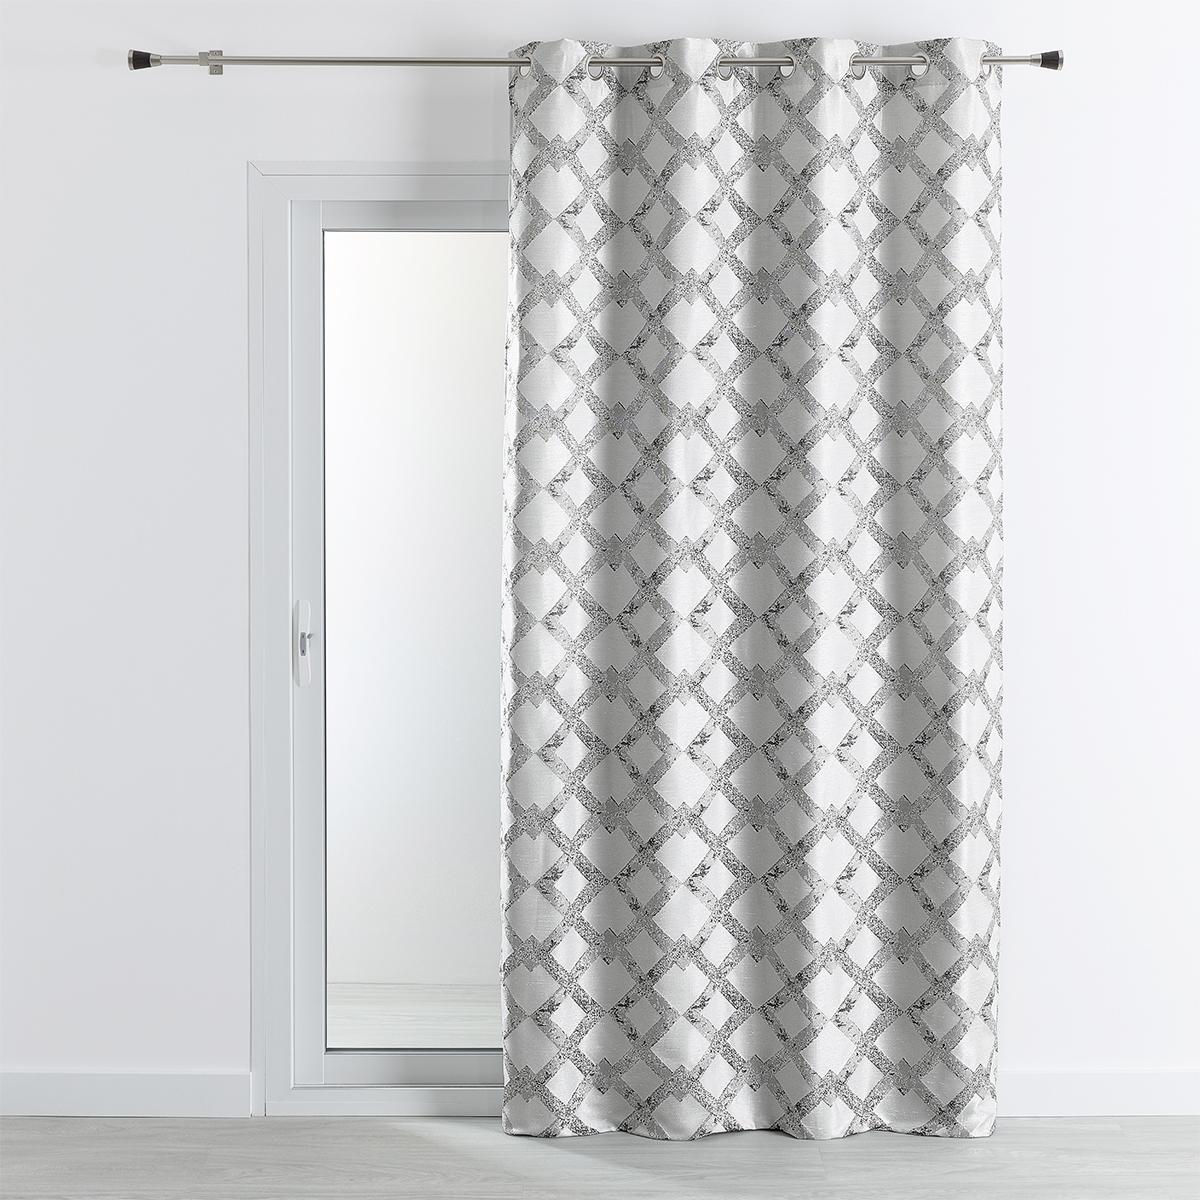 Rideau tissu jacquard avec motif croisillons 140x260 cm (Gris)